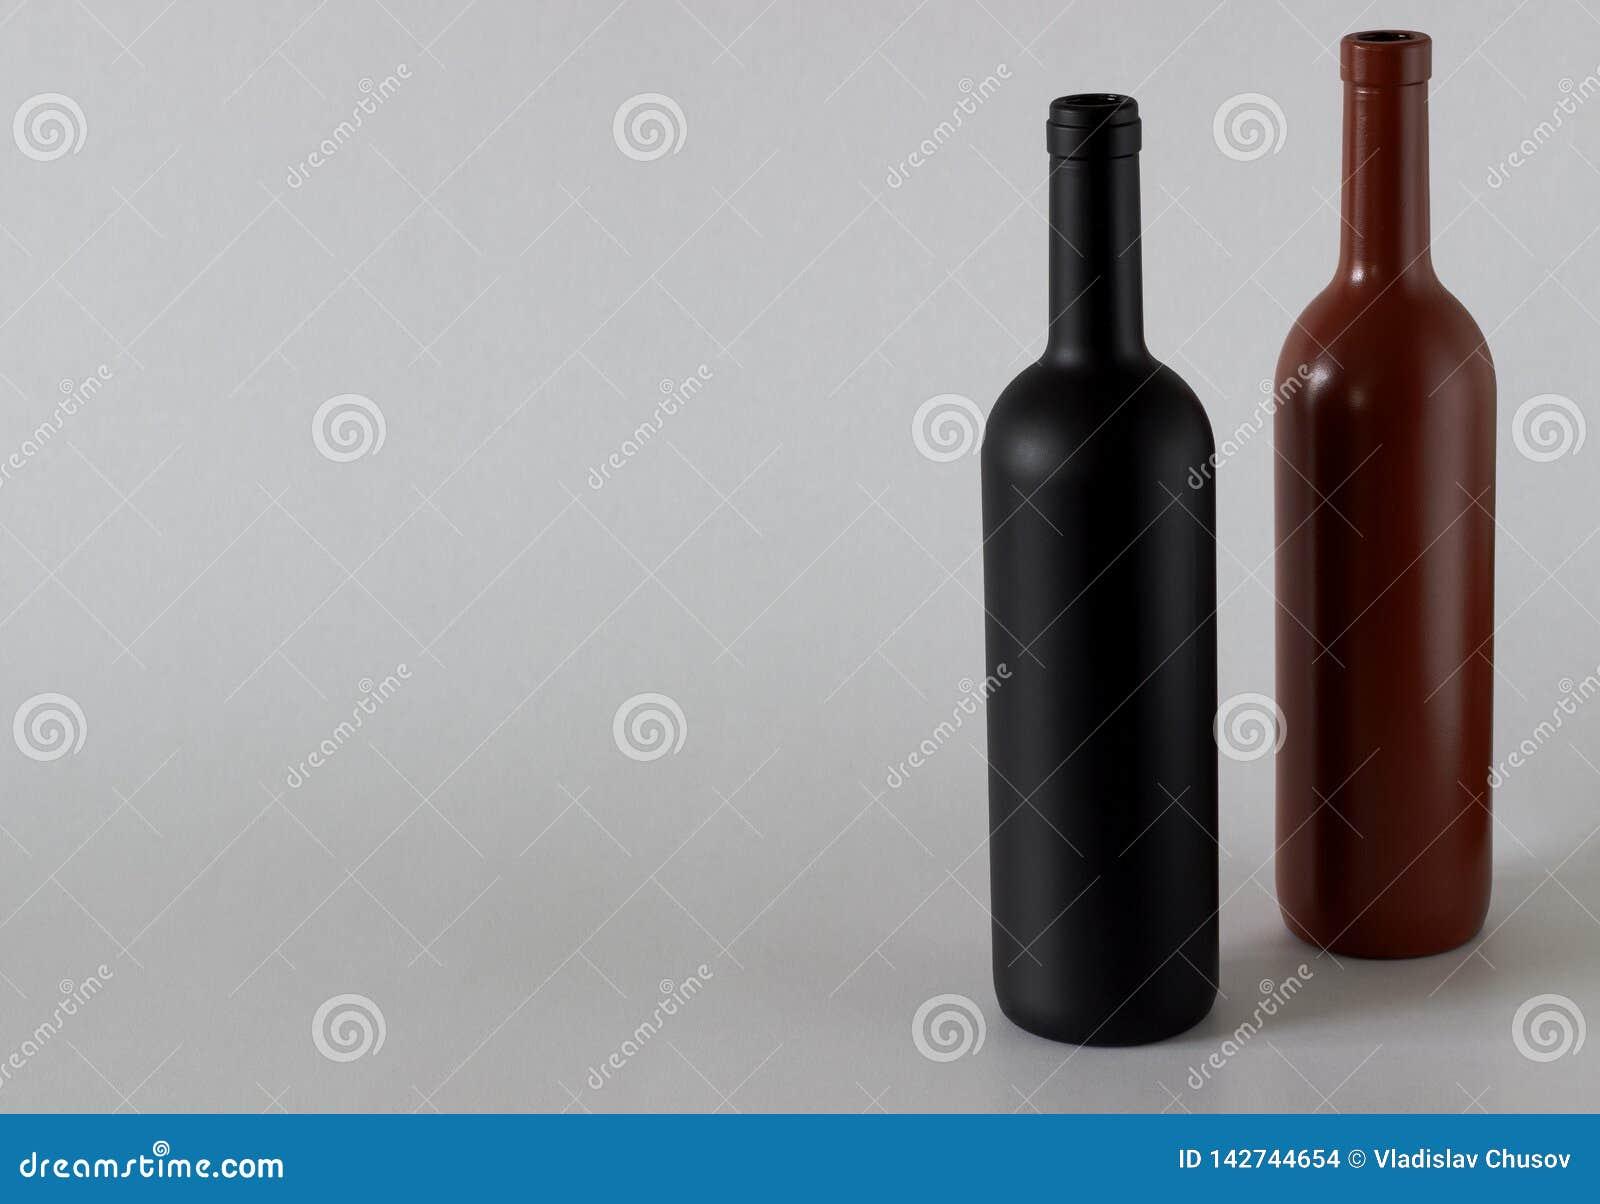 Twee flessen wijn van zwart en rood op een witte achtergrond